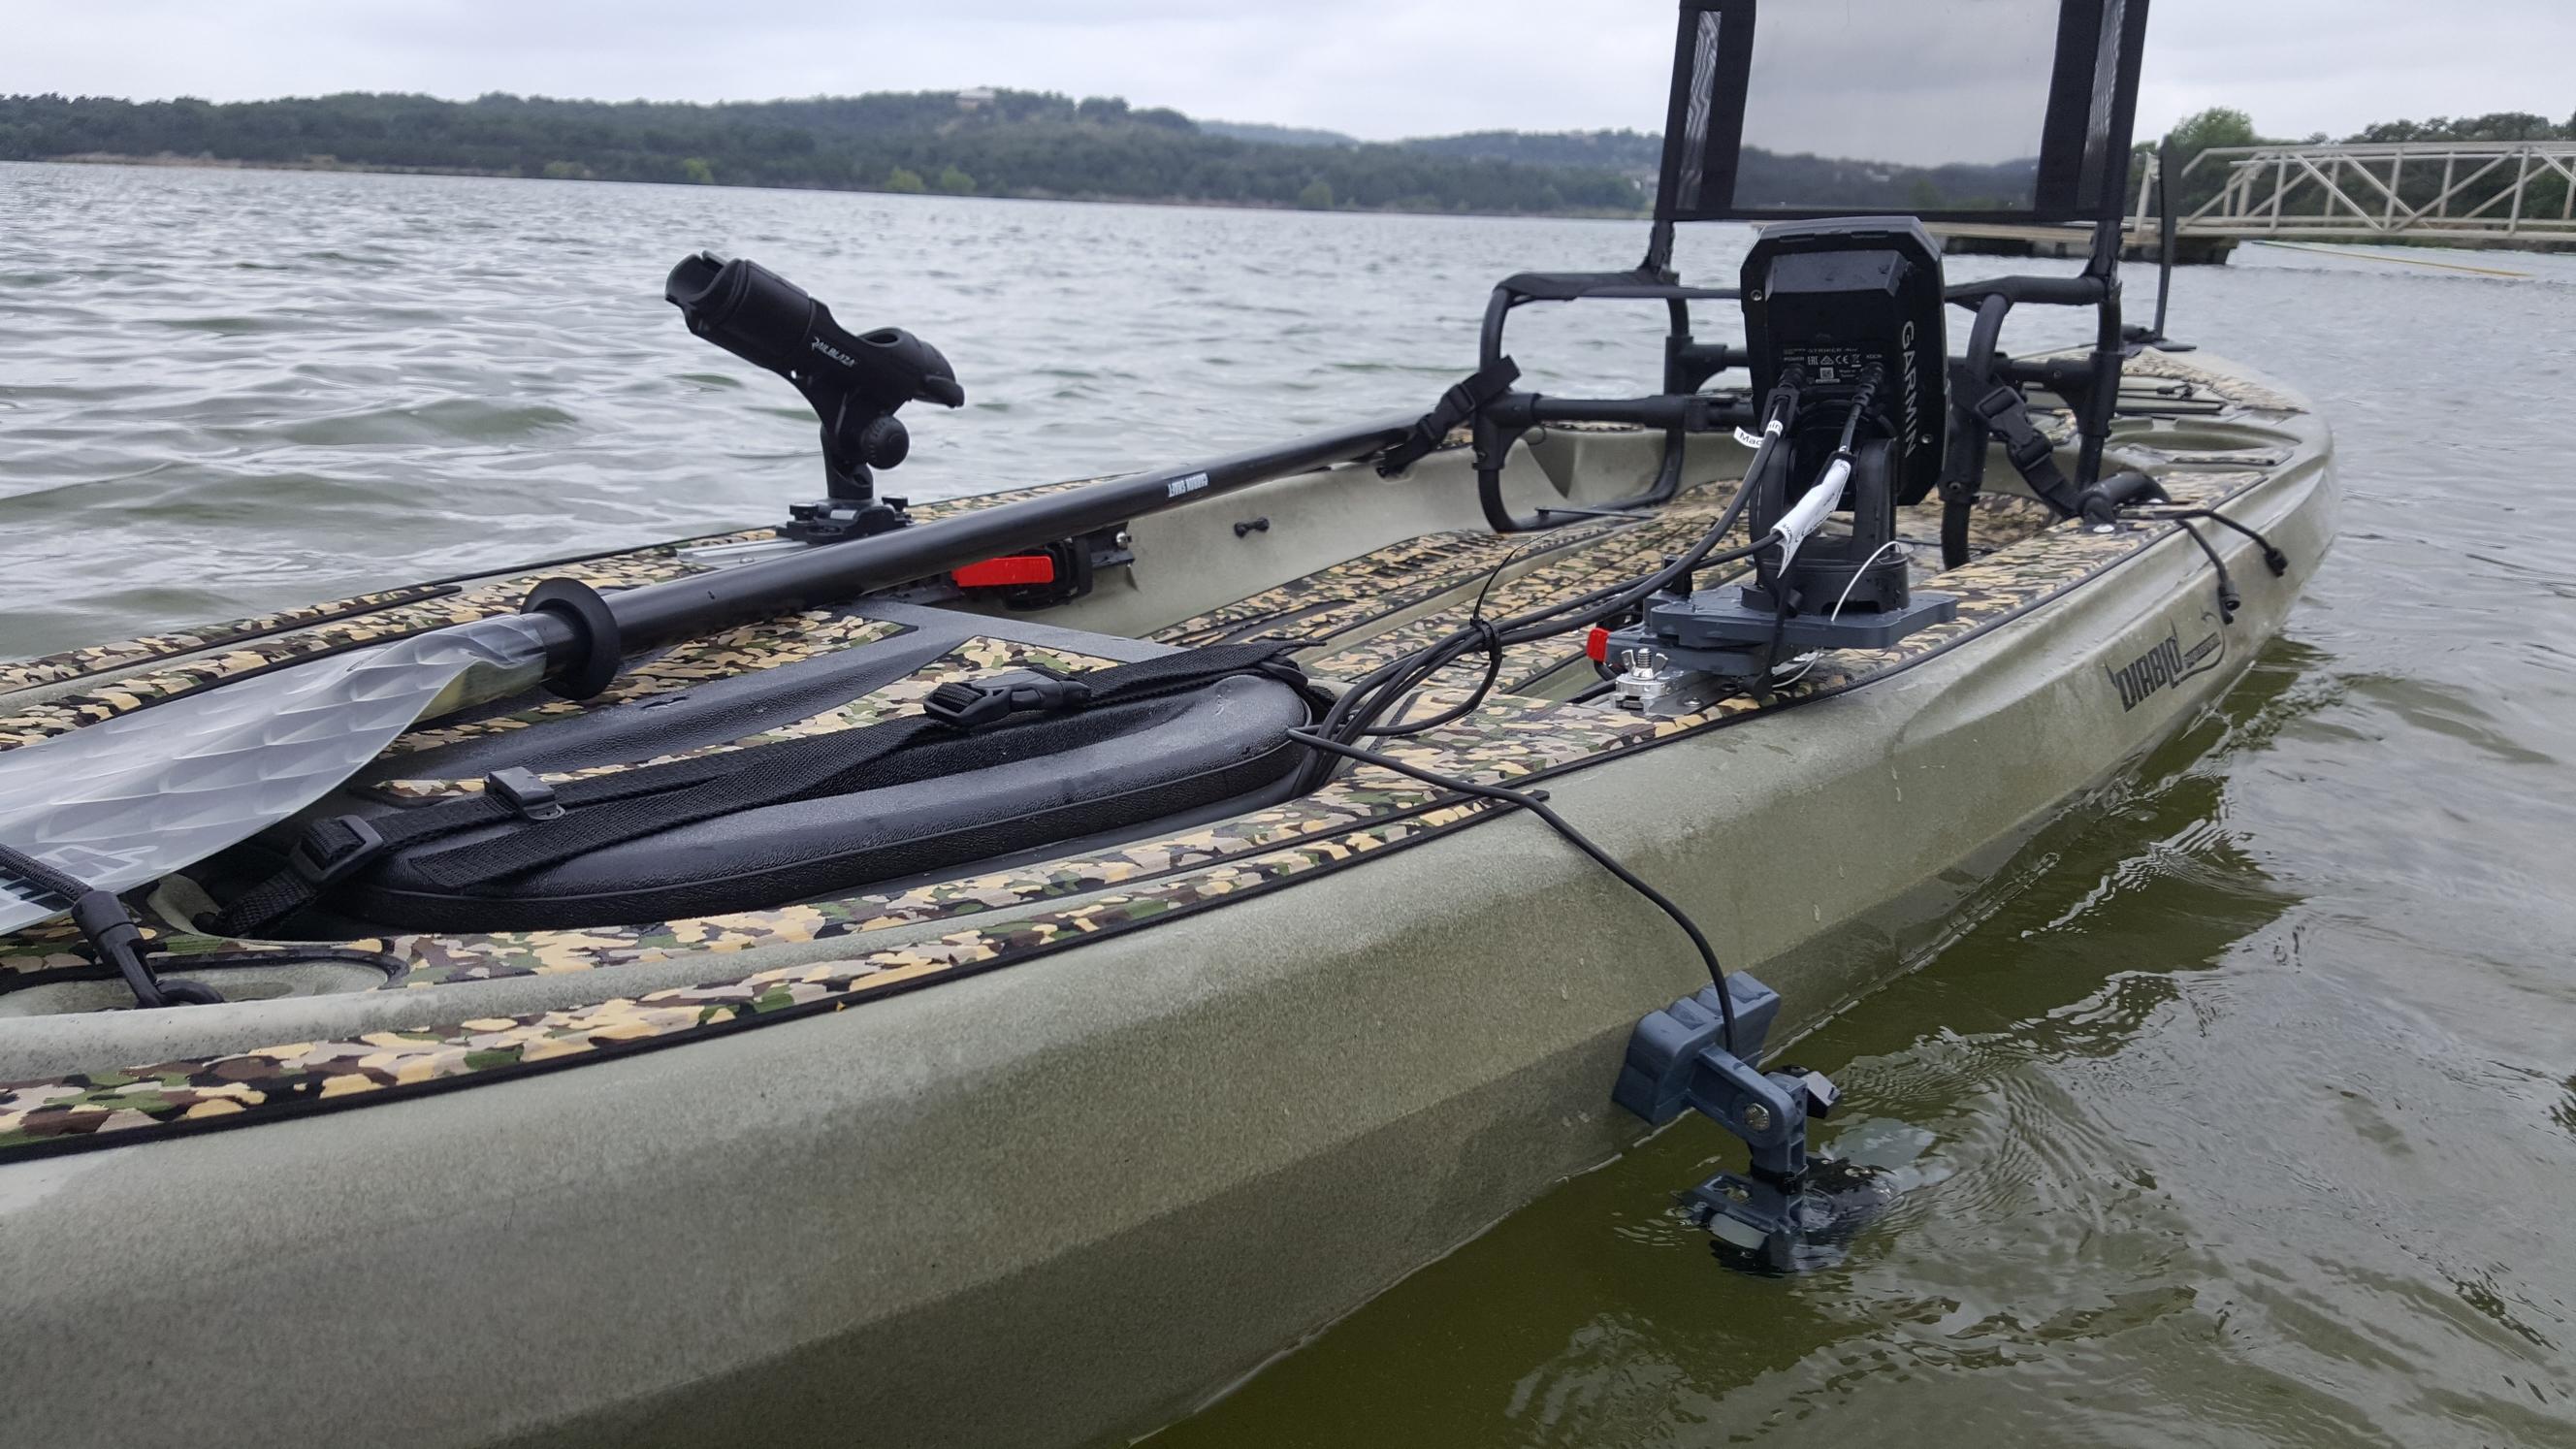 Garmin Striker 4 on Kayak